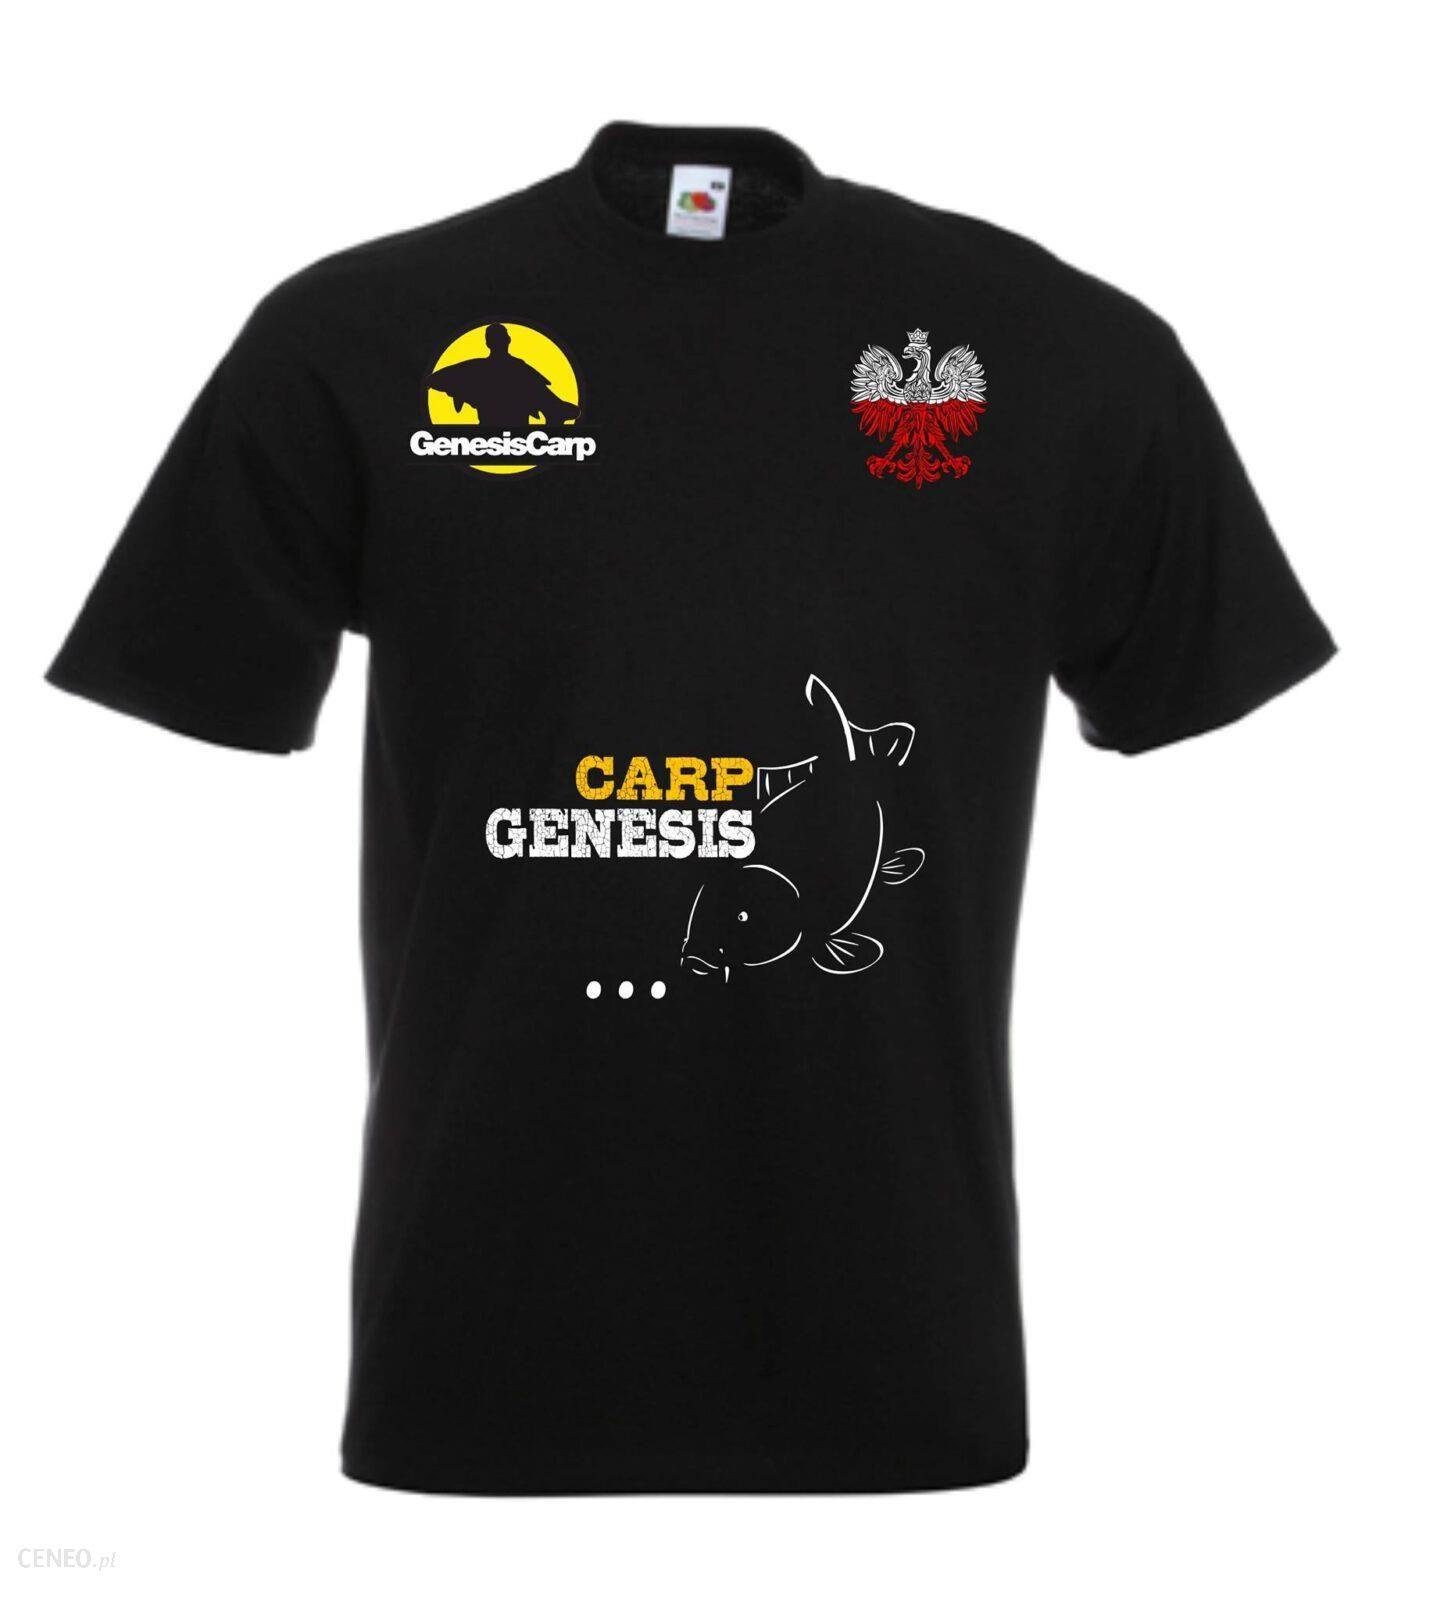 Genesis Carp T-Shirt Genesis Xl